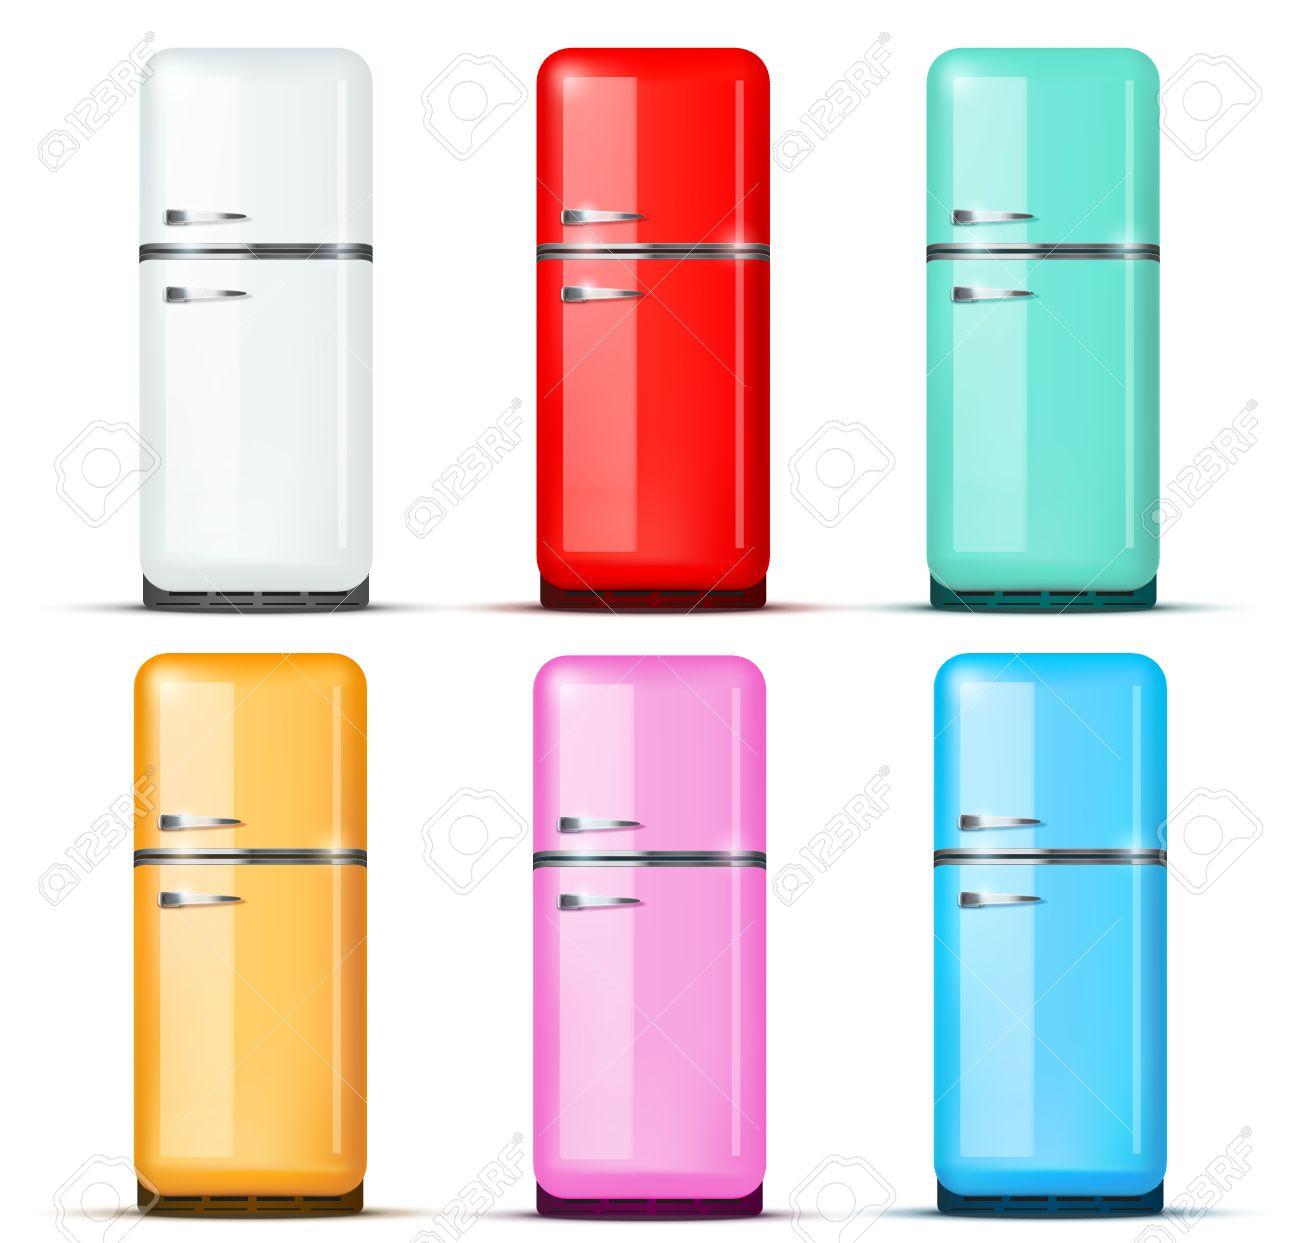 Ensemble De Rétro Frigo Réfrigérateur Dans La Couleur Blanche